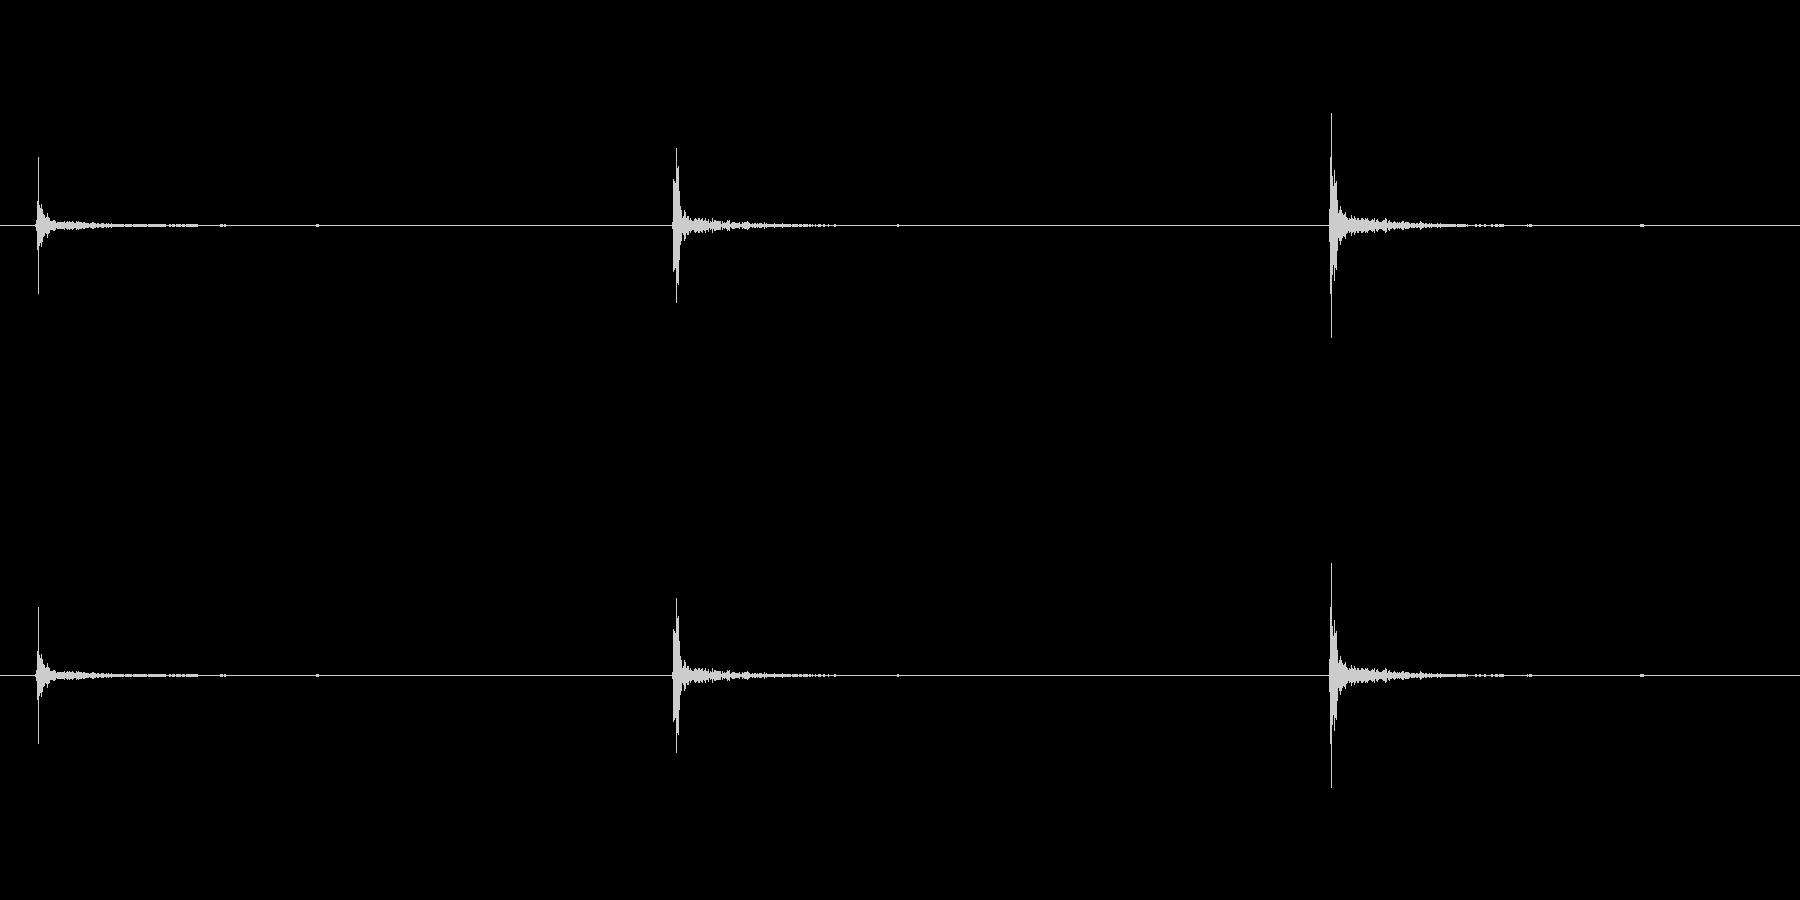 パンパンパン、たたく音の未再生の波形